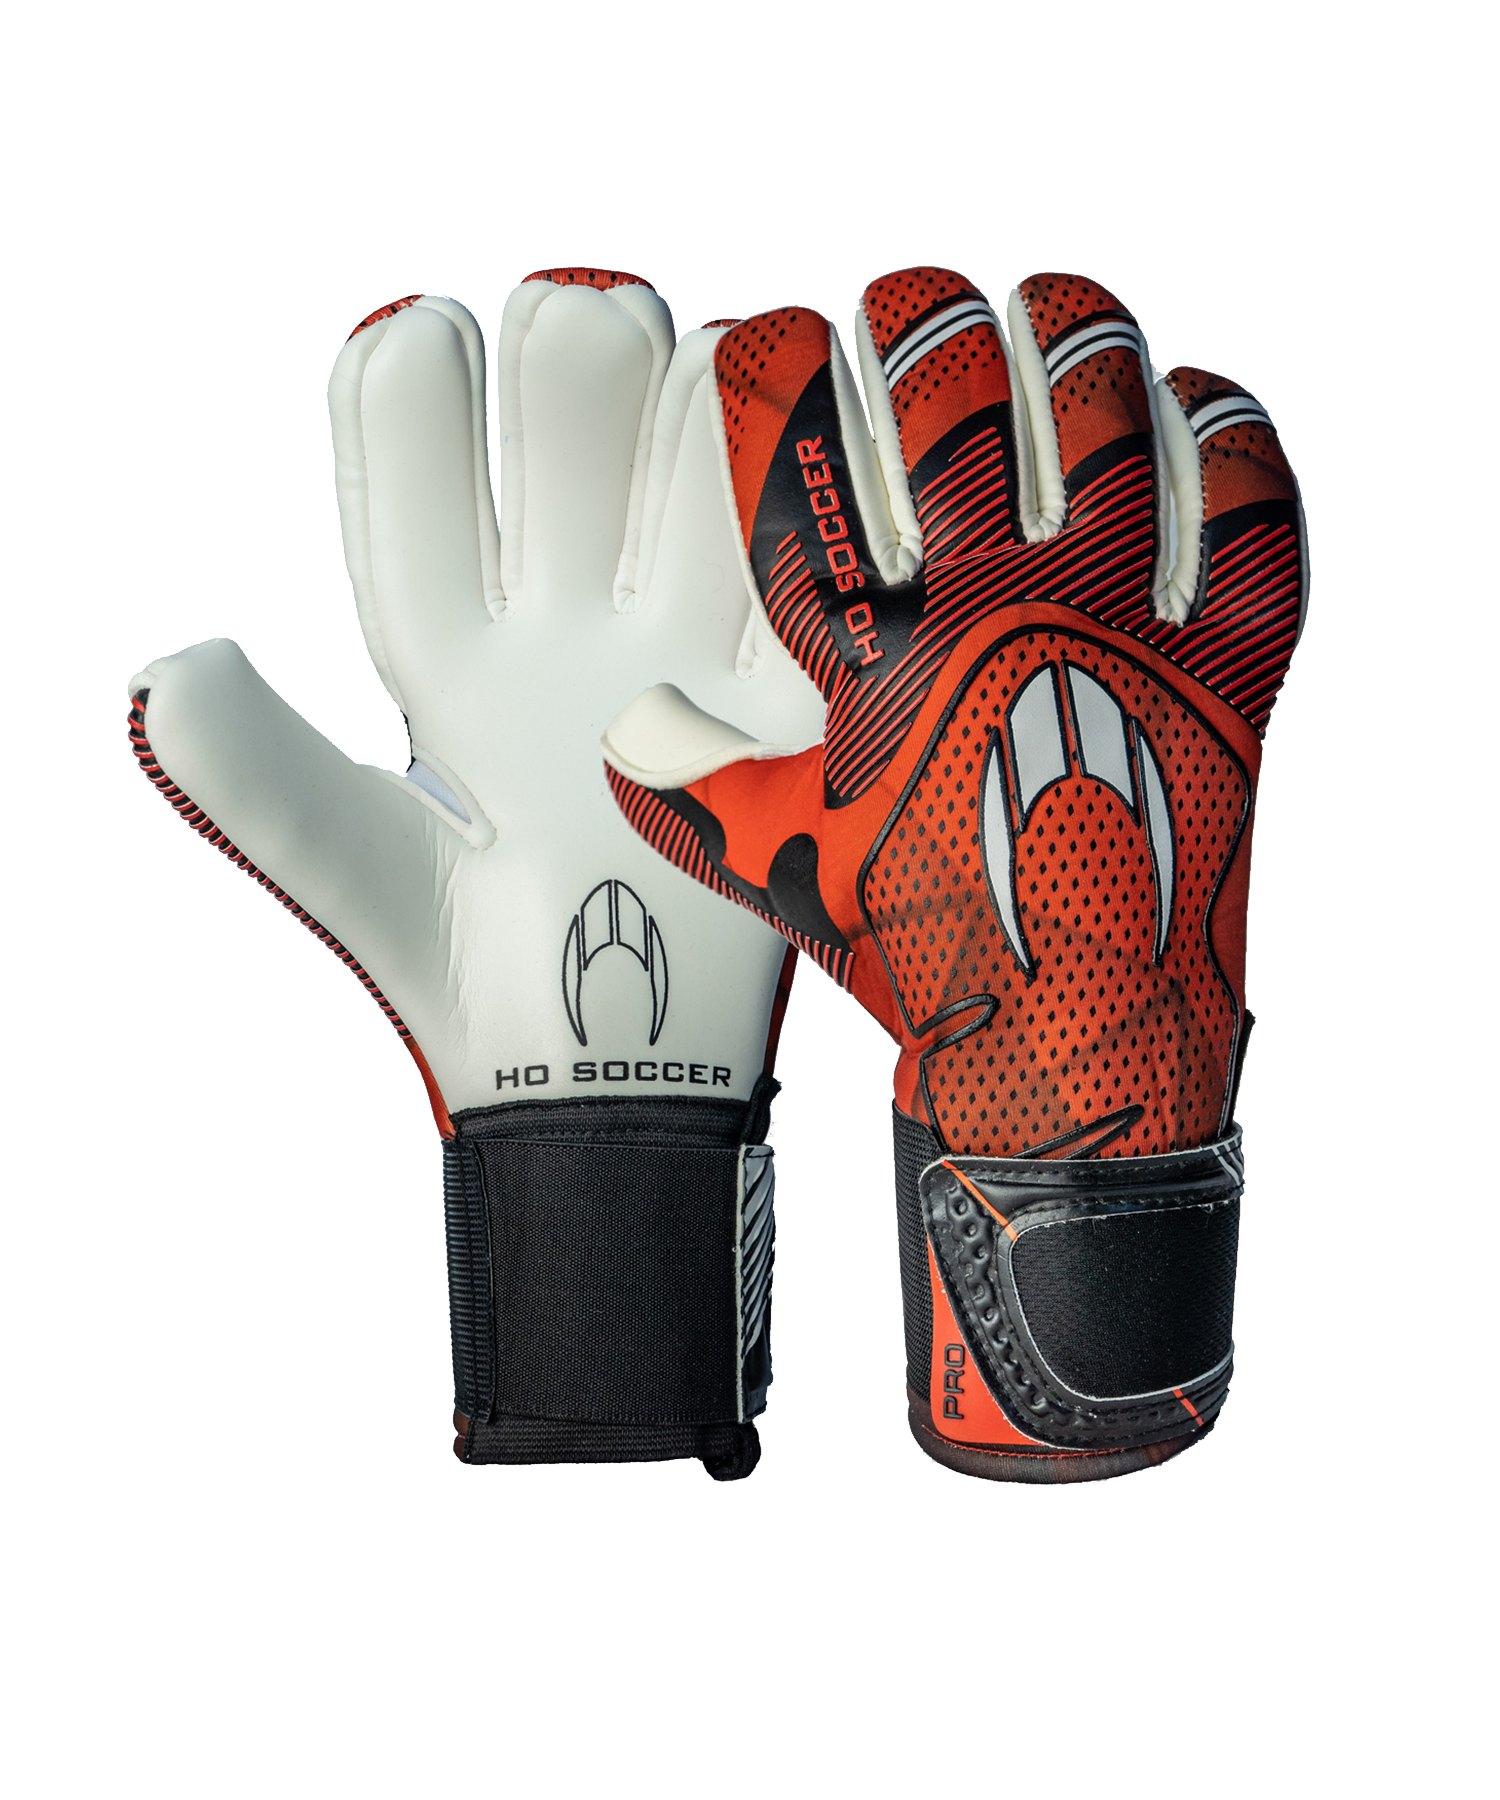 HO Soccer Supremo PN Tom Smith TW-Handschuhe Rot - rot